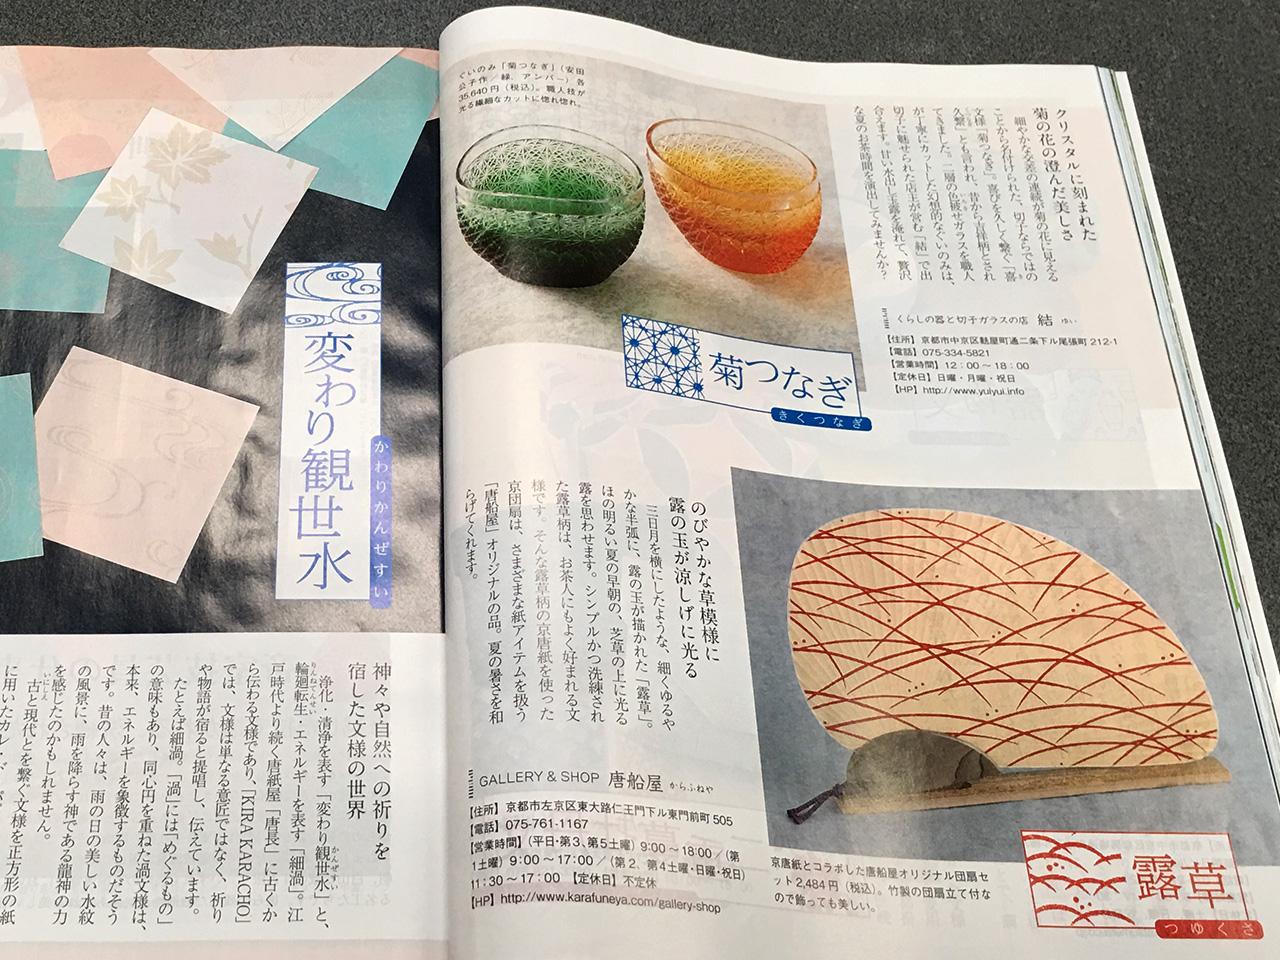 月刊茶の間 7月号 オリジナル団扇 掲載